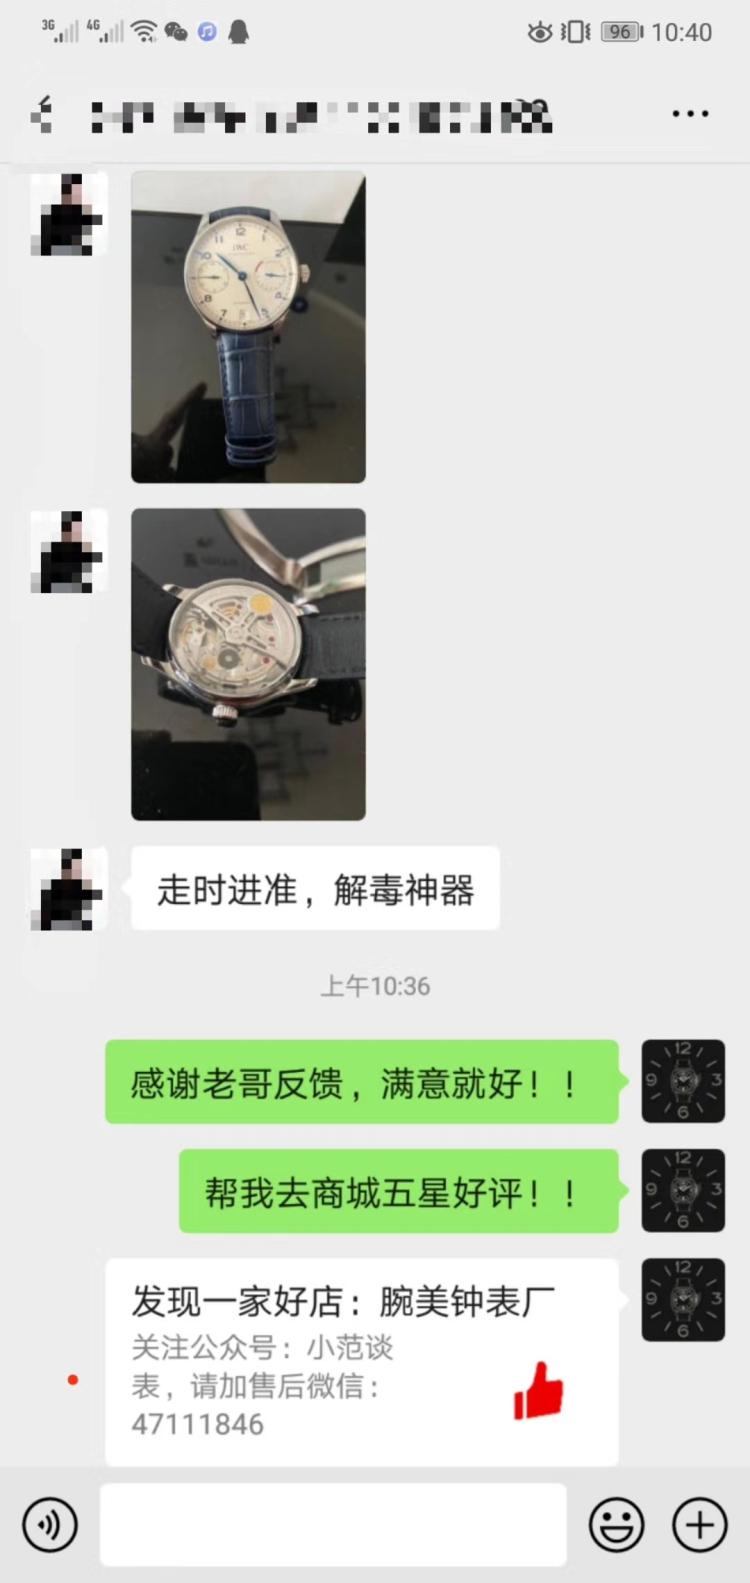 zf厂万国葡七v5